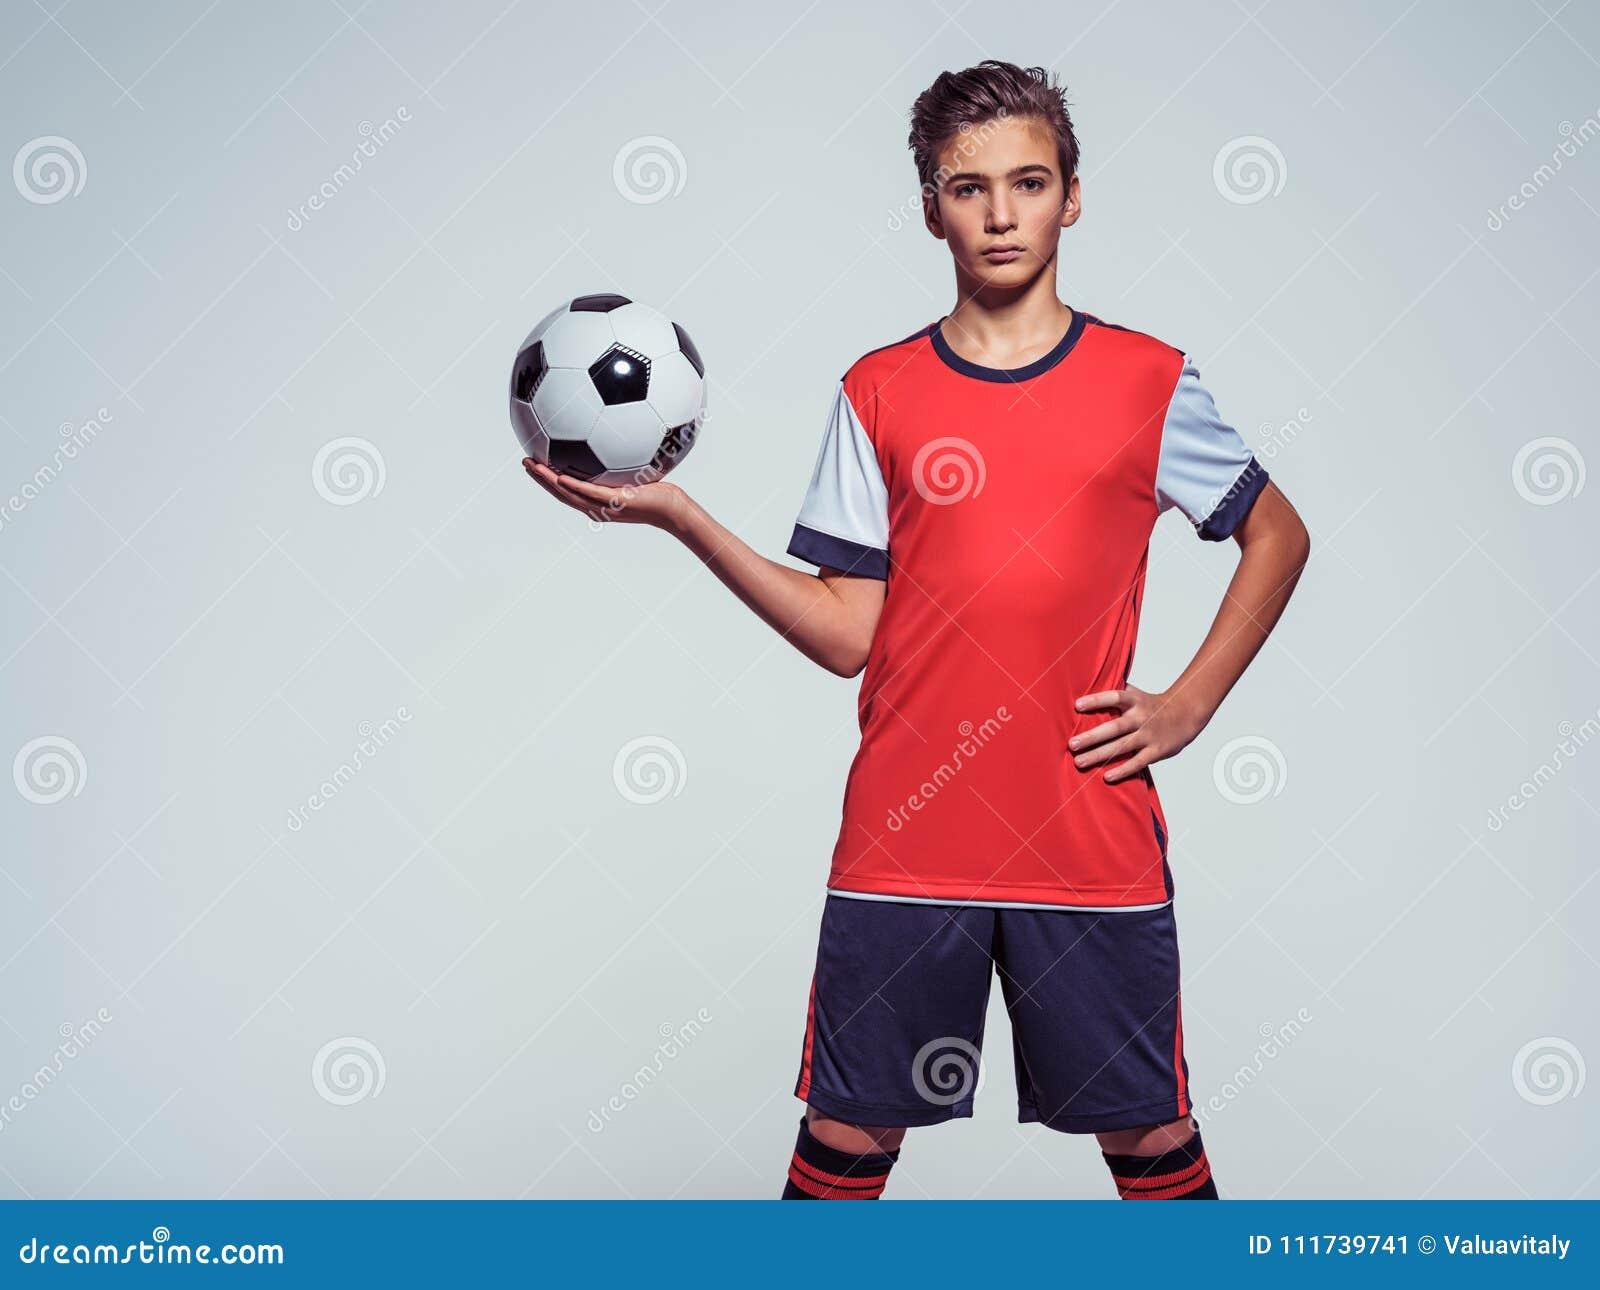 Foto des jugendlich Jungen in der Sportkleidung, die Fußball hält